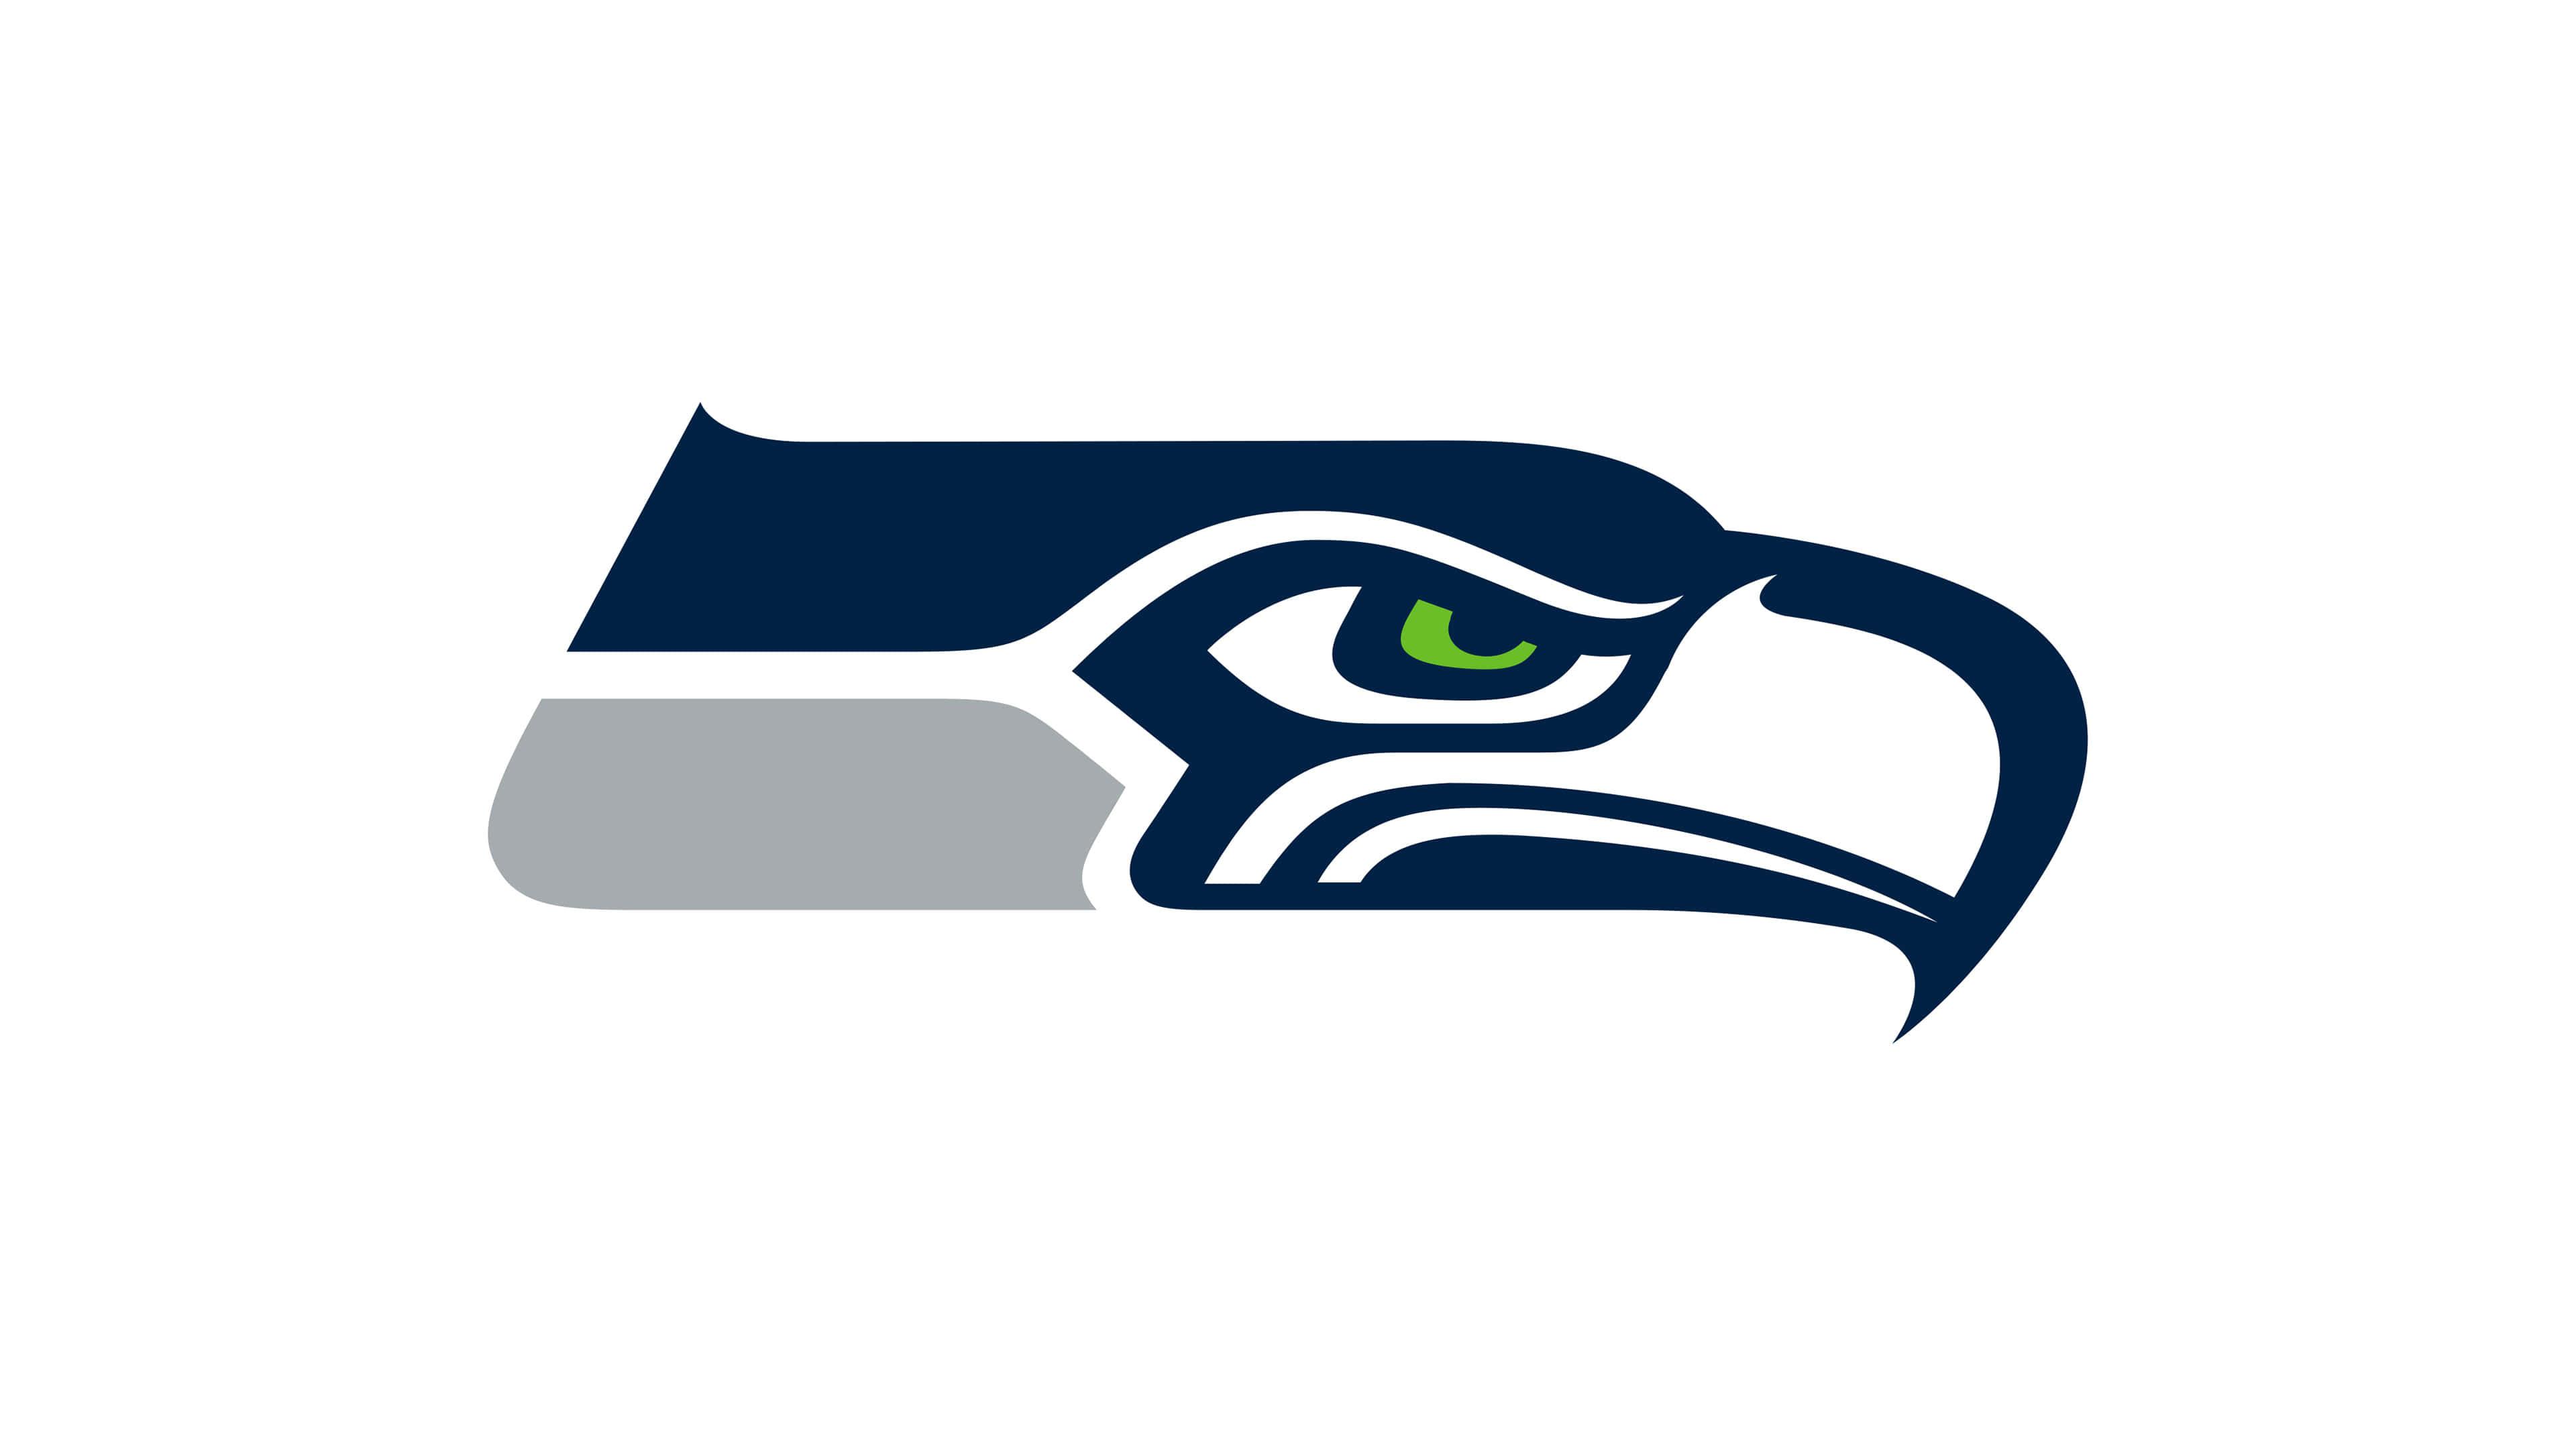 Seattle Seahawks Nfl Logo Uhd 4k Wallpaper Pixelz